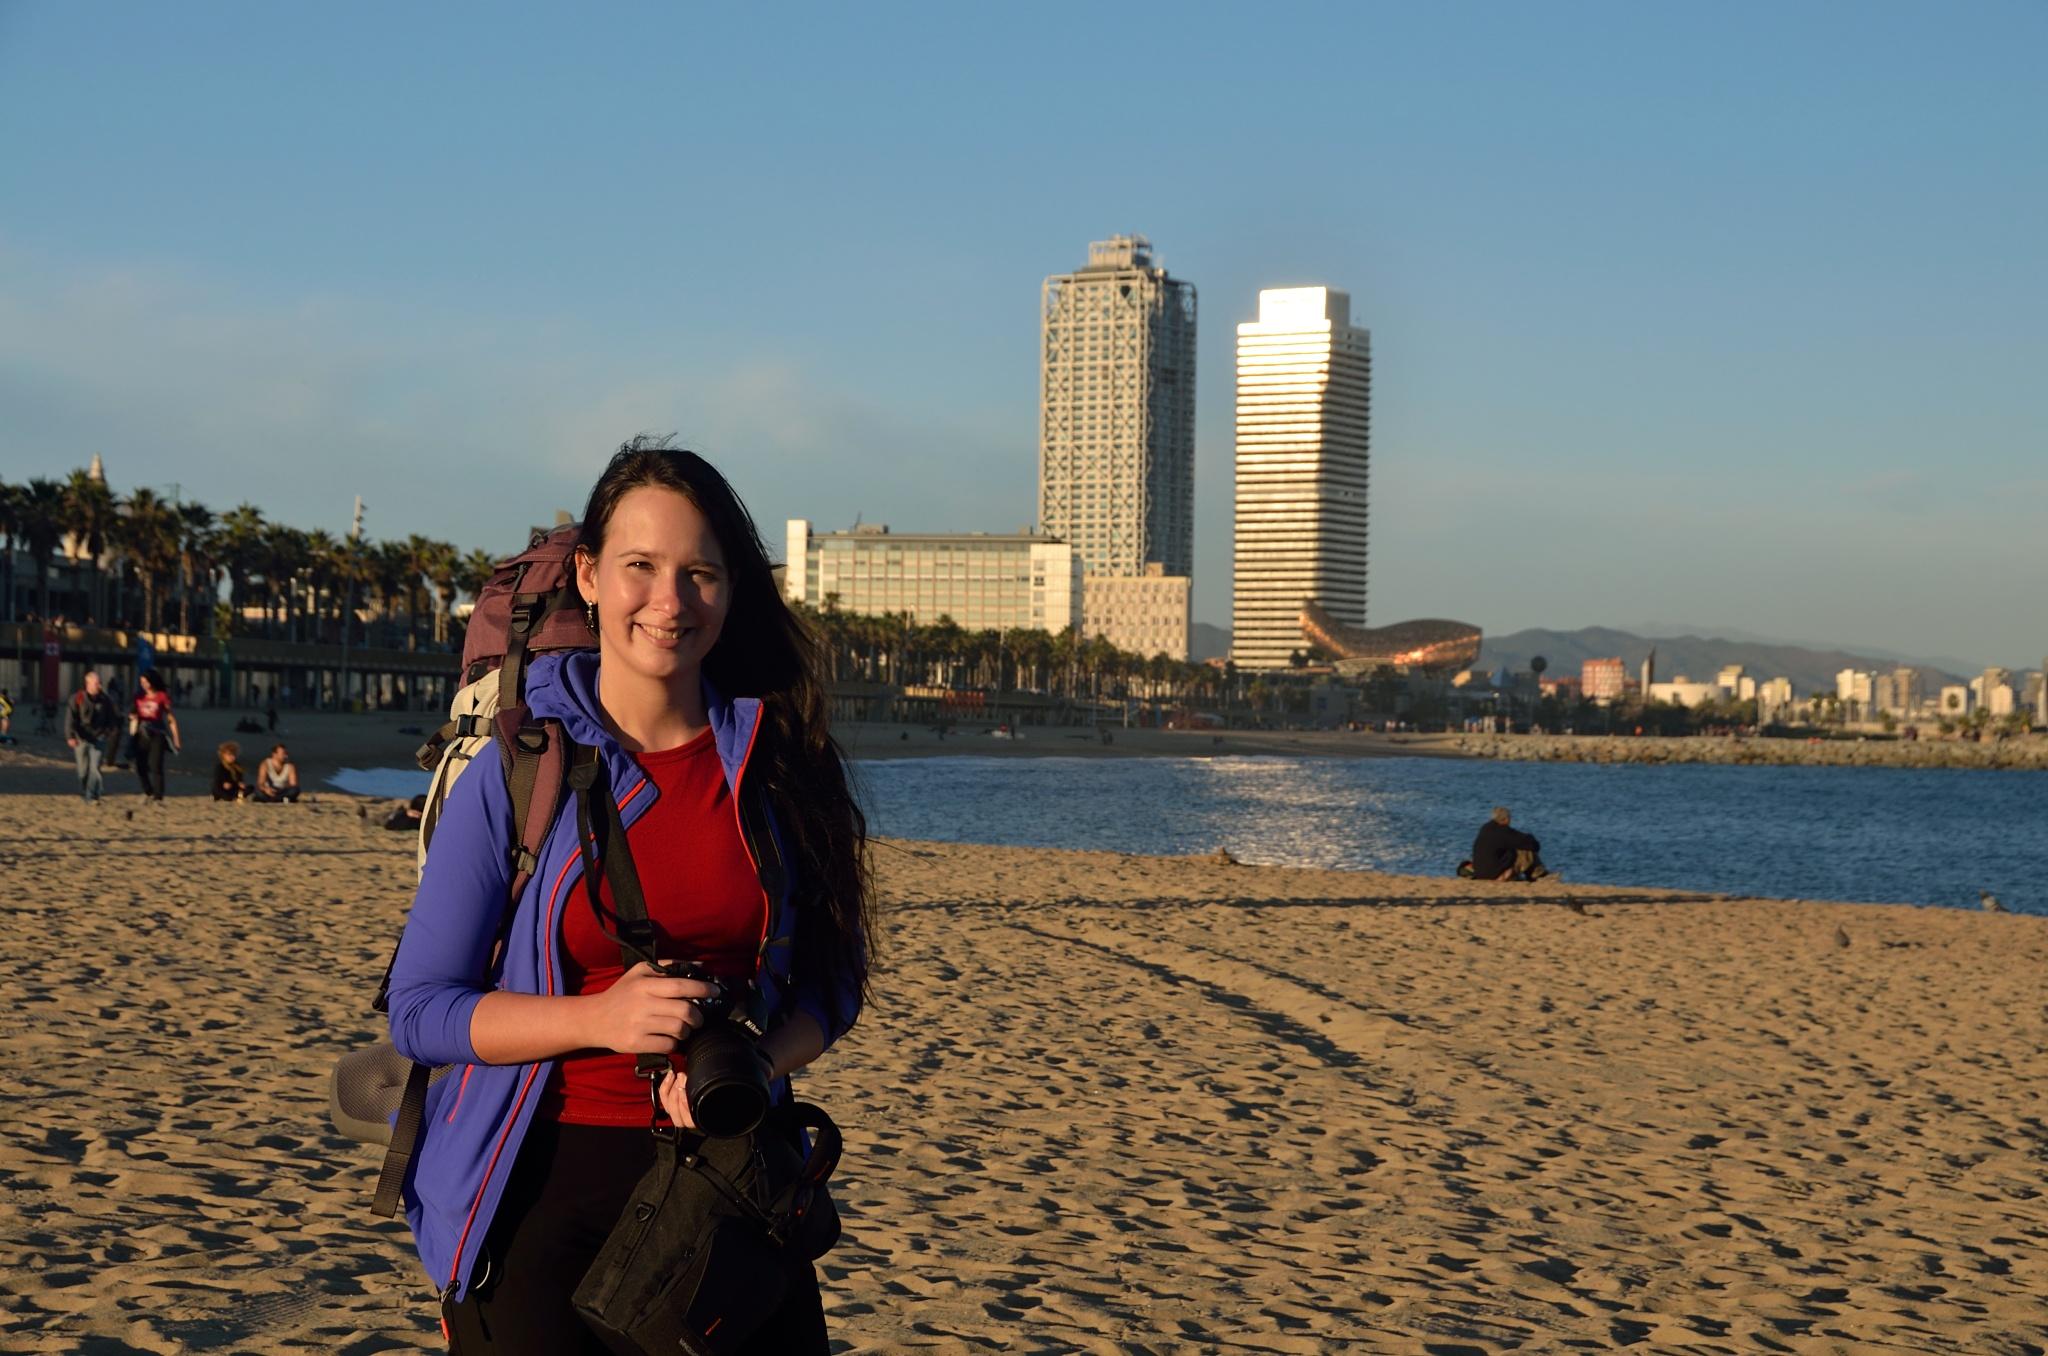 Na pláži u moře v plné polní